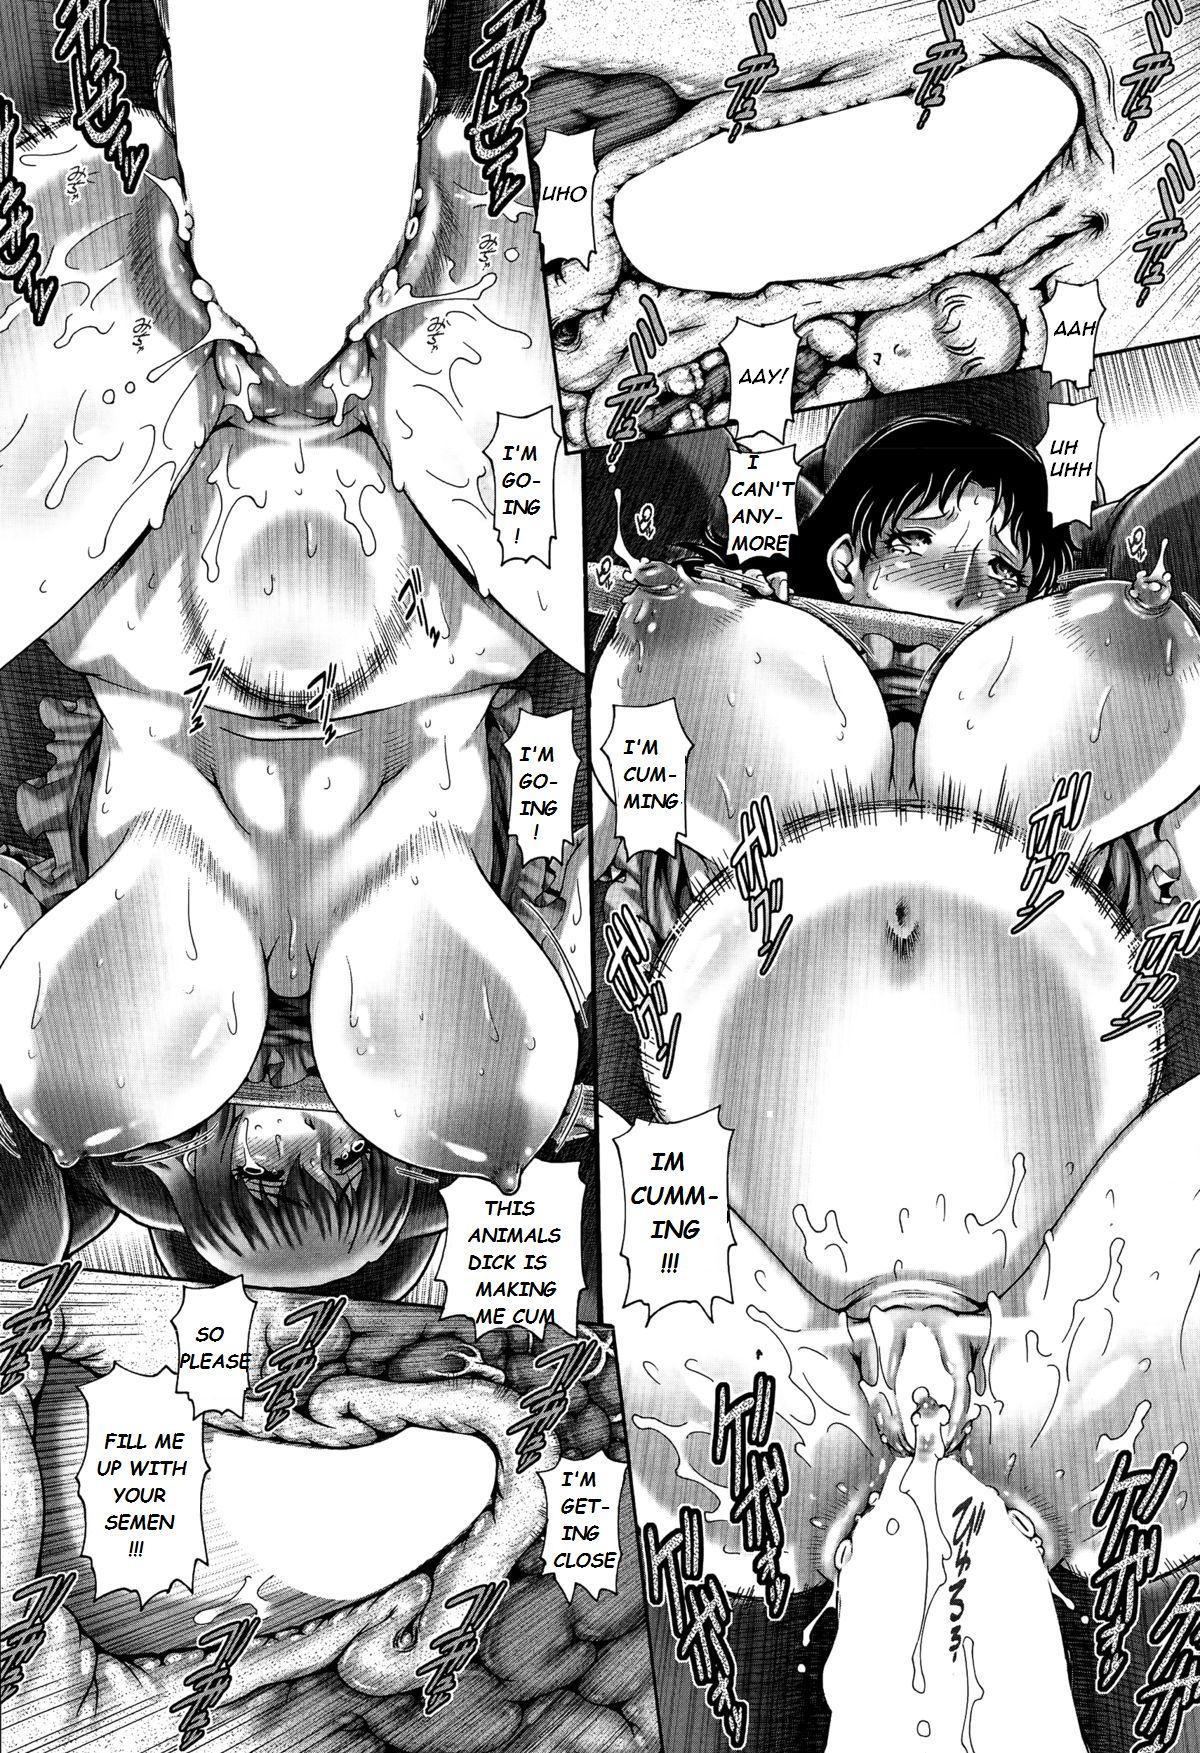 Chichiku Shimai 14